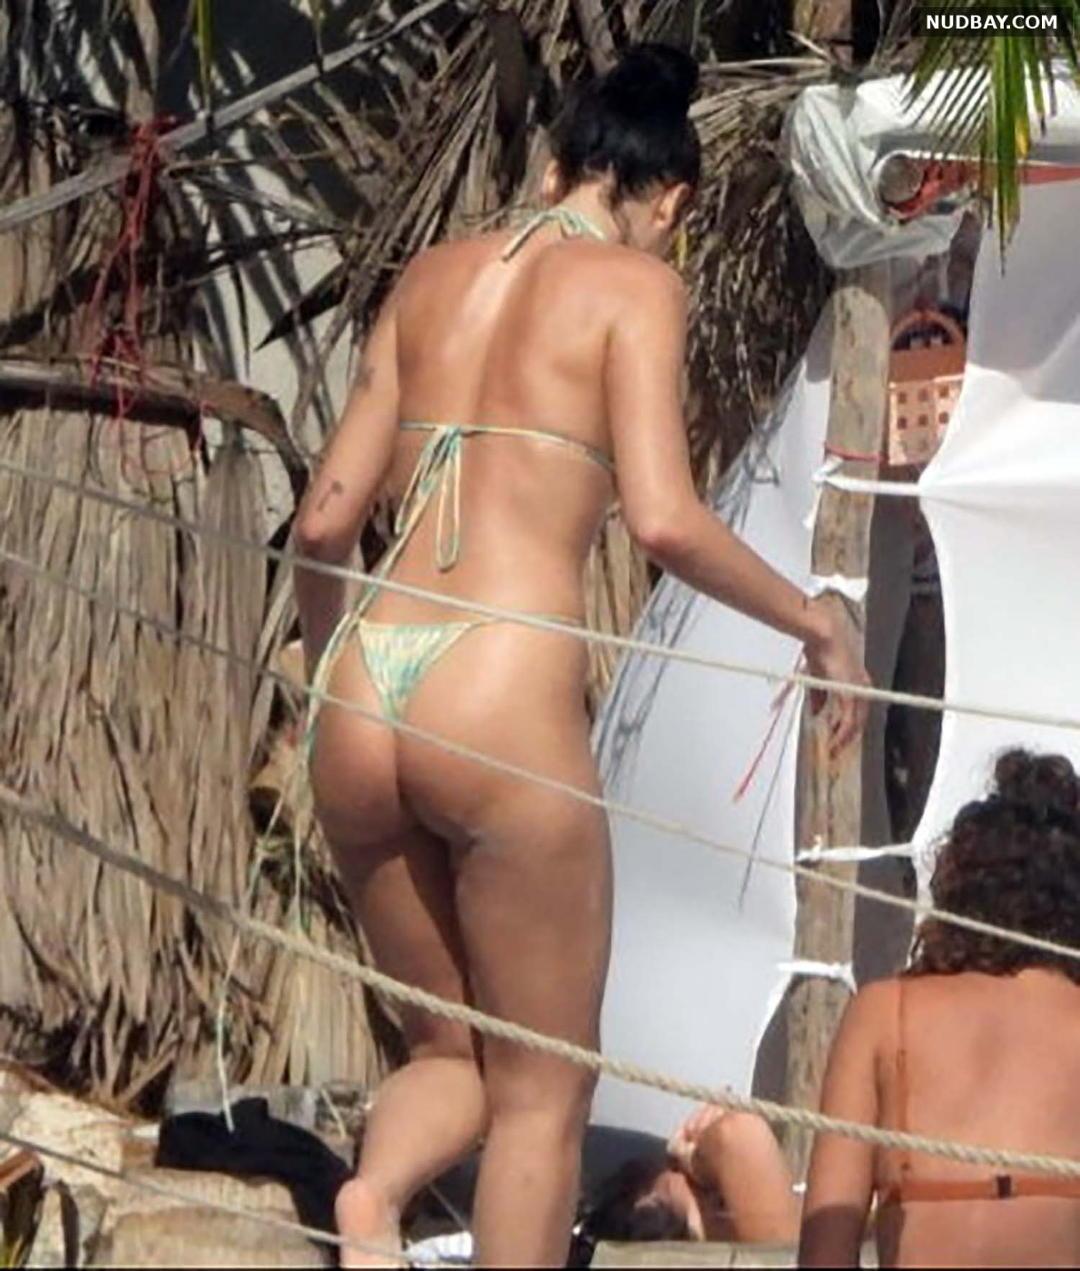 Dua Lipa Ass bikini on the beach in Tulum December 31 2020